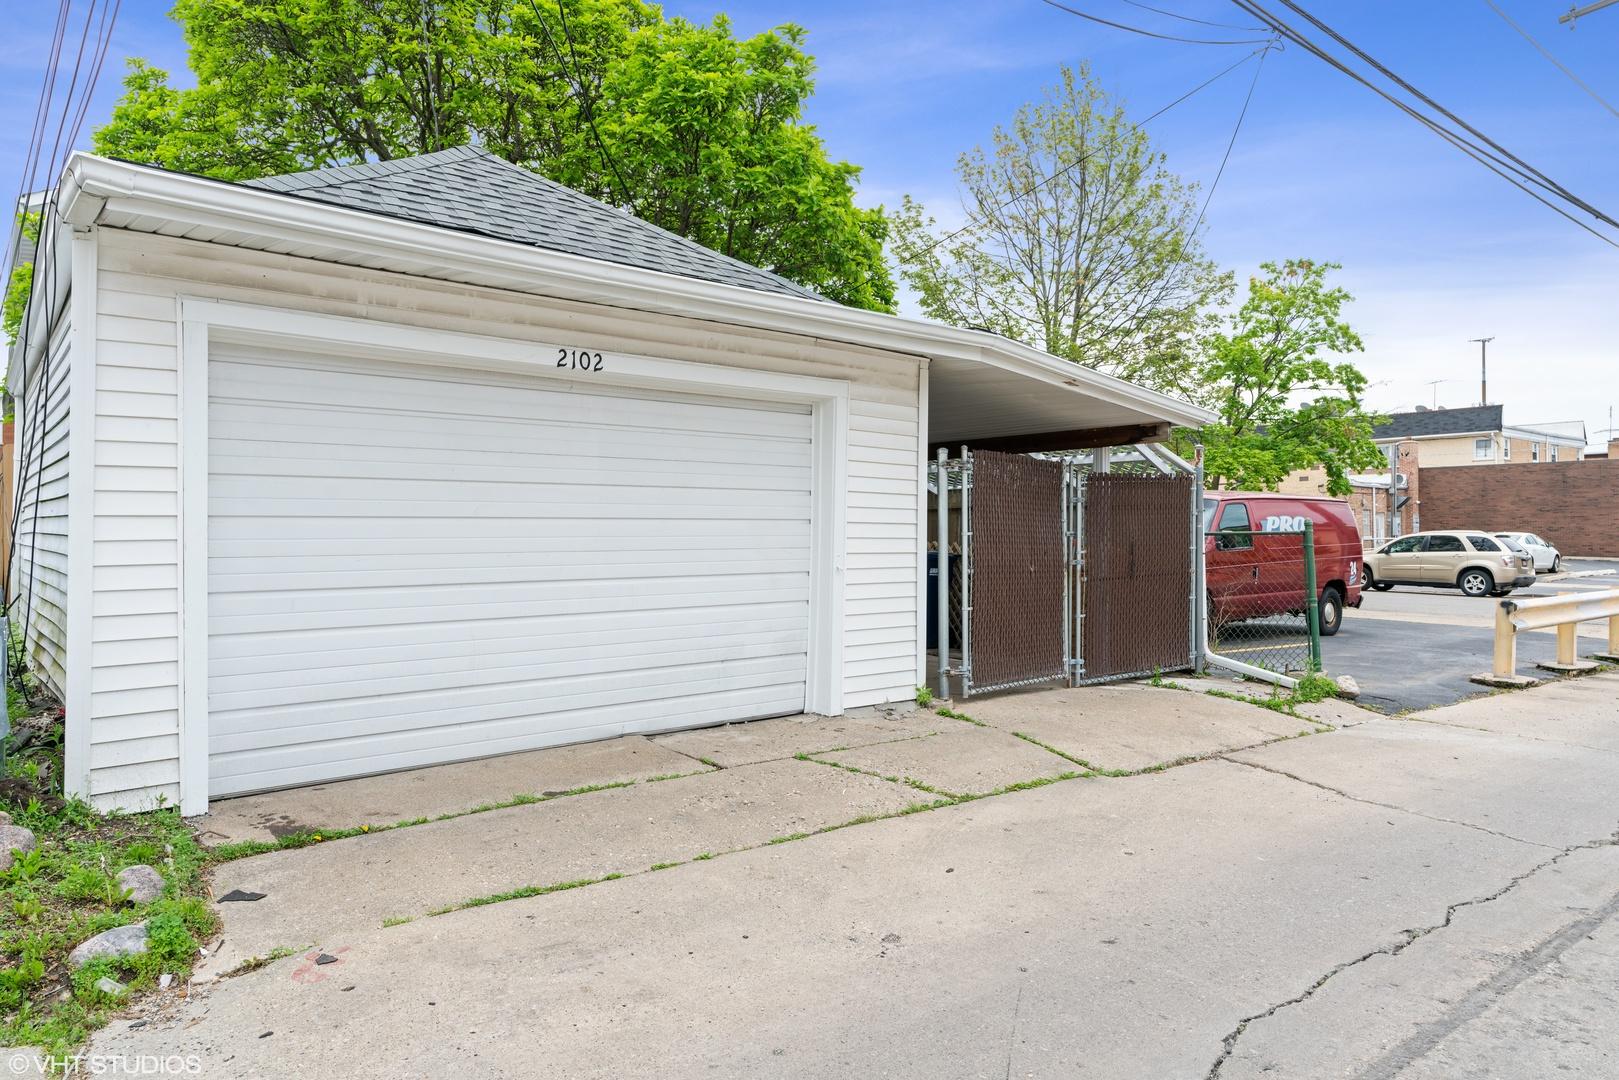 2102 North Harlem, Elmwood Park, Illinois, 60707